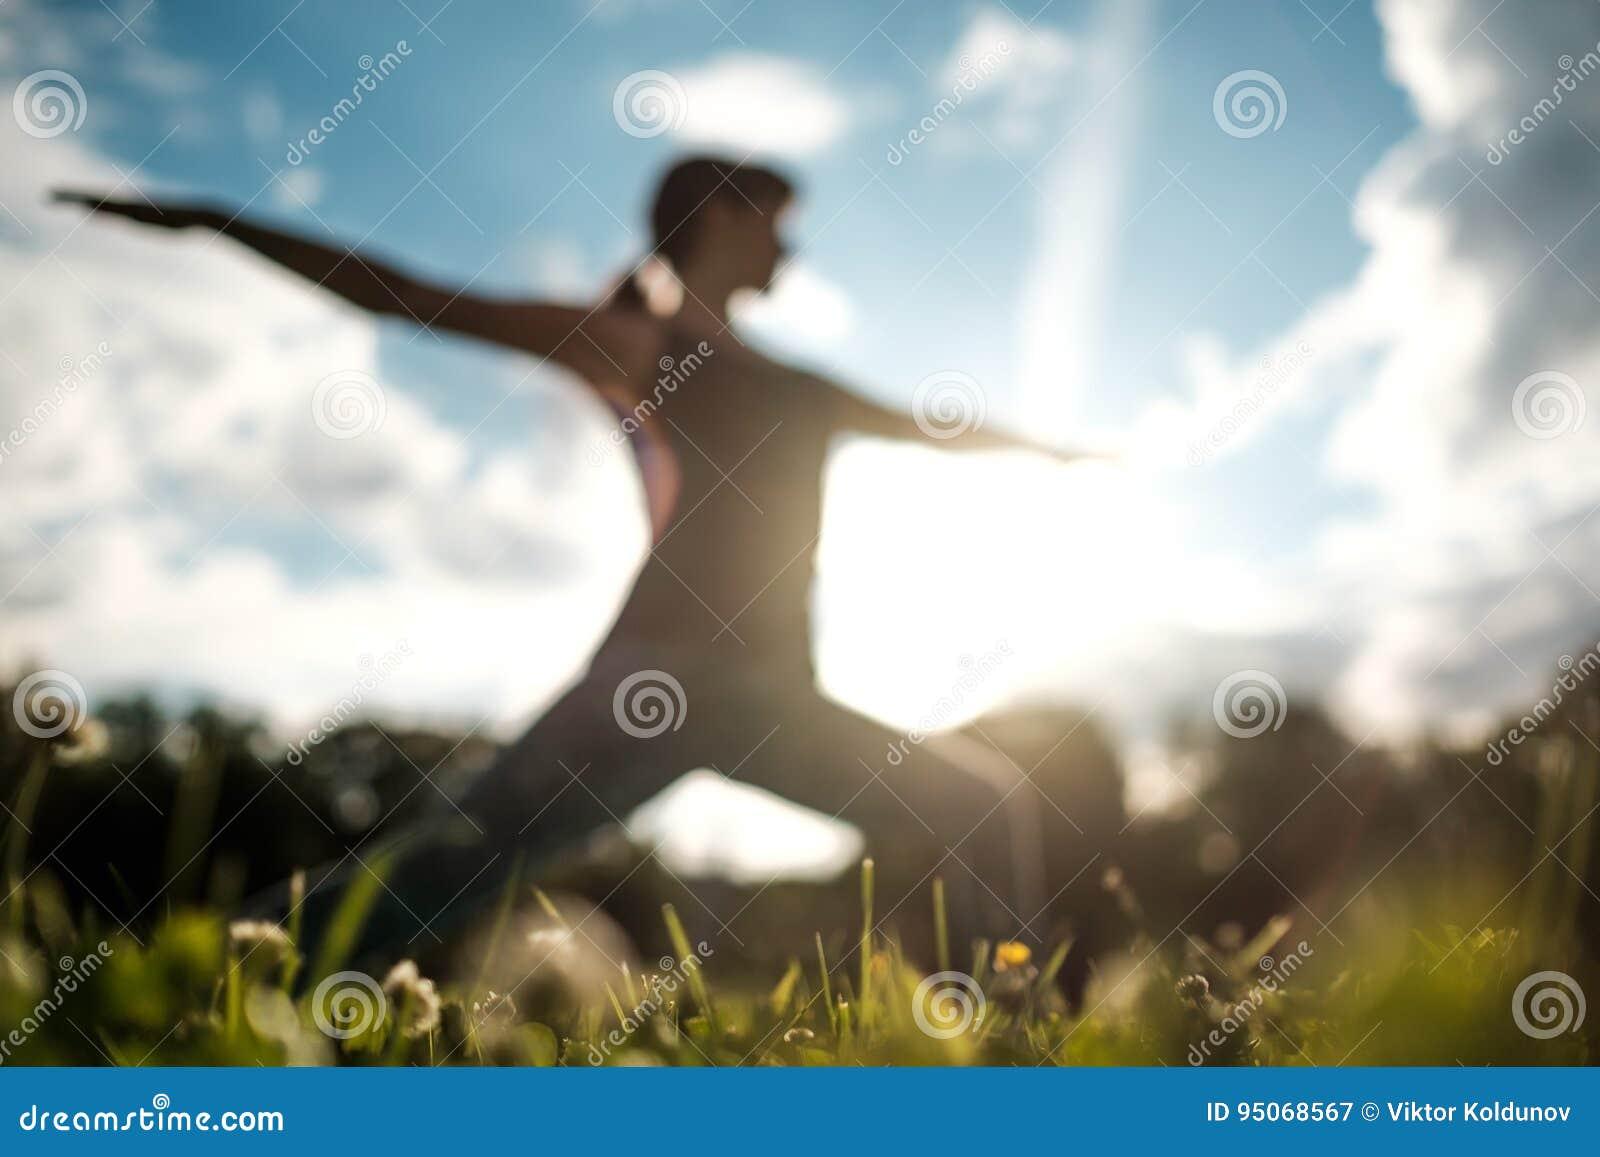 Poserar den caucasian kvinnan för den sportiga passformen som gör den asanaVirabhadrasana 2 krigaren, ställing i natur